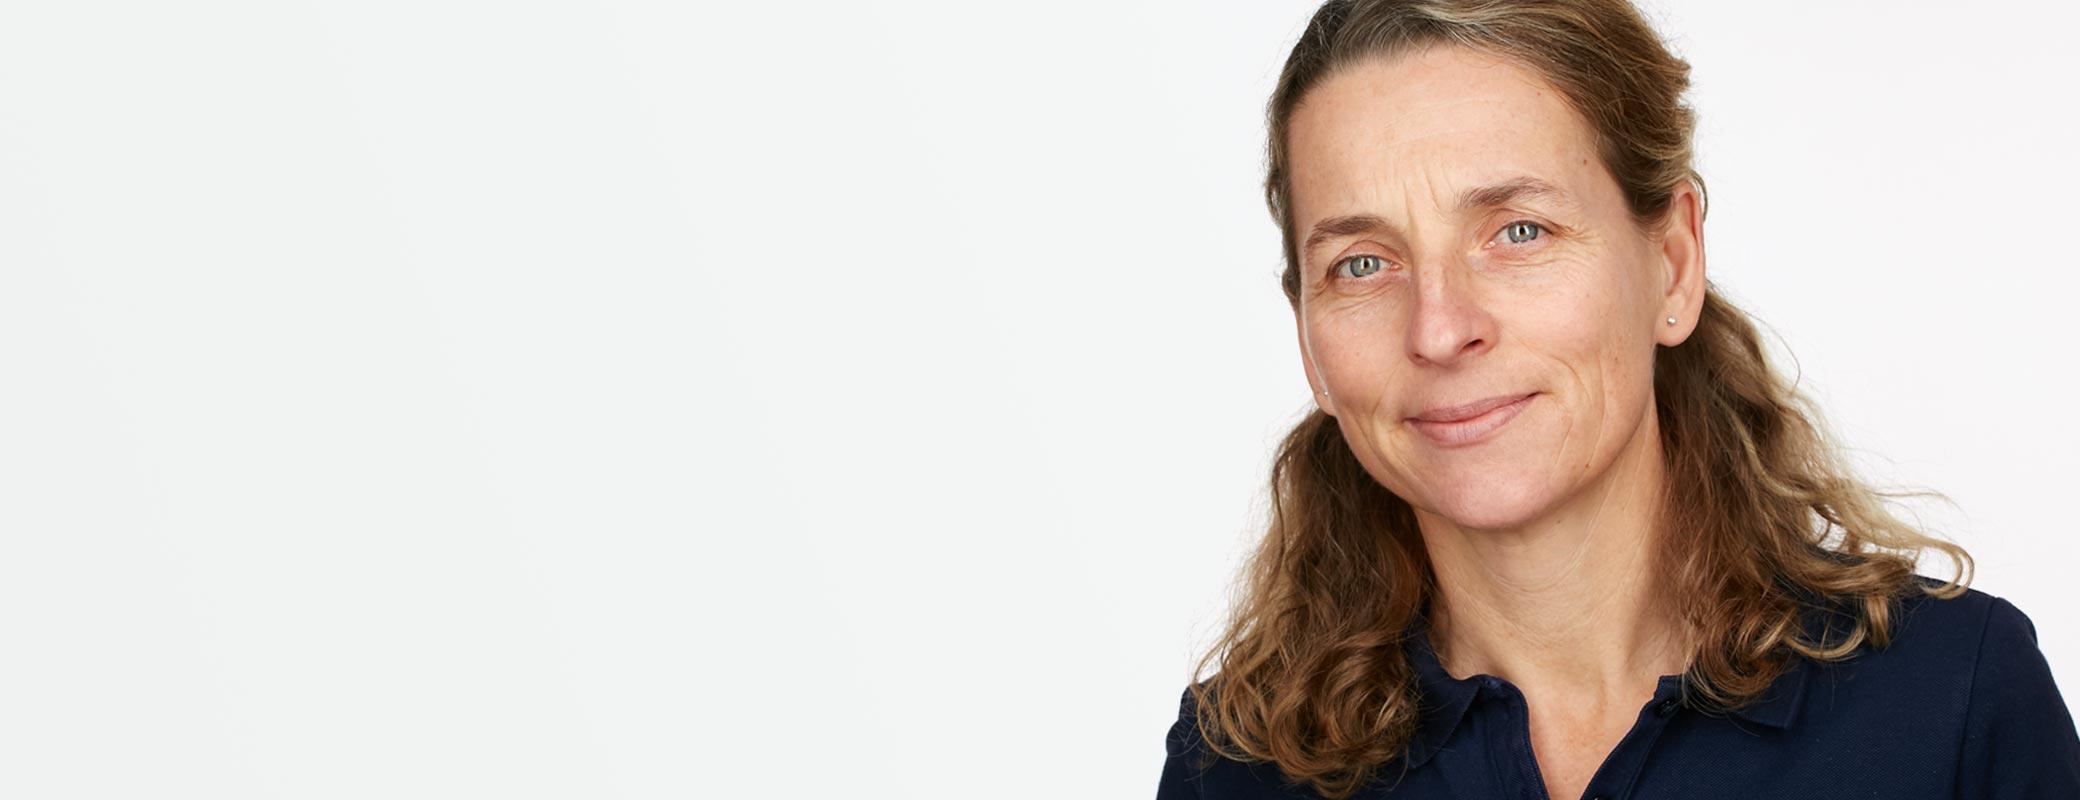 Urologin Dr med Bettina Schmitz - Fachärztin für Urologie - Medikamentöse Tumortherapie